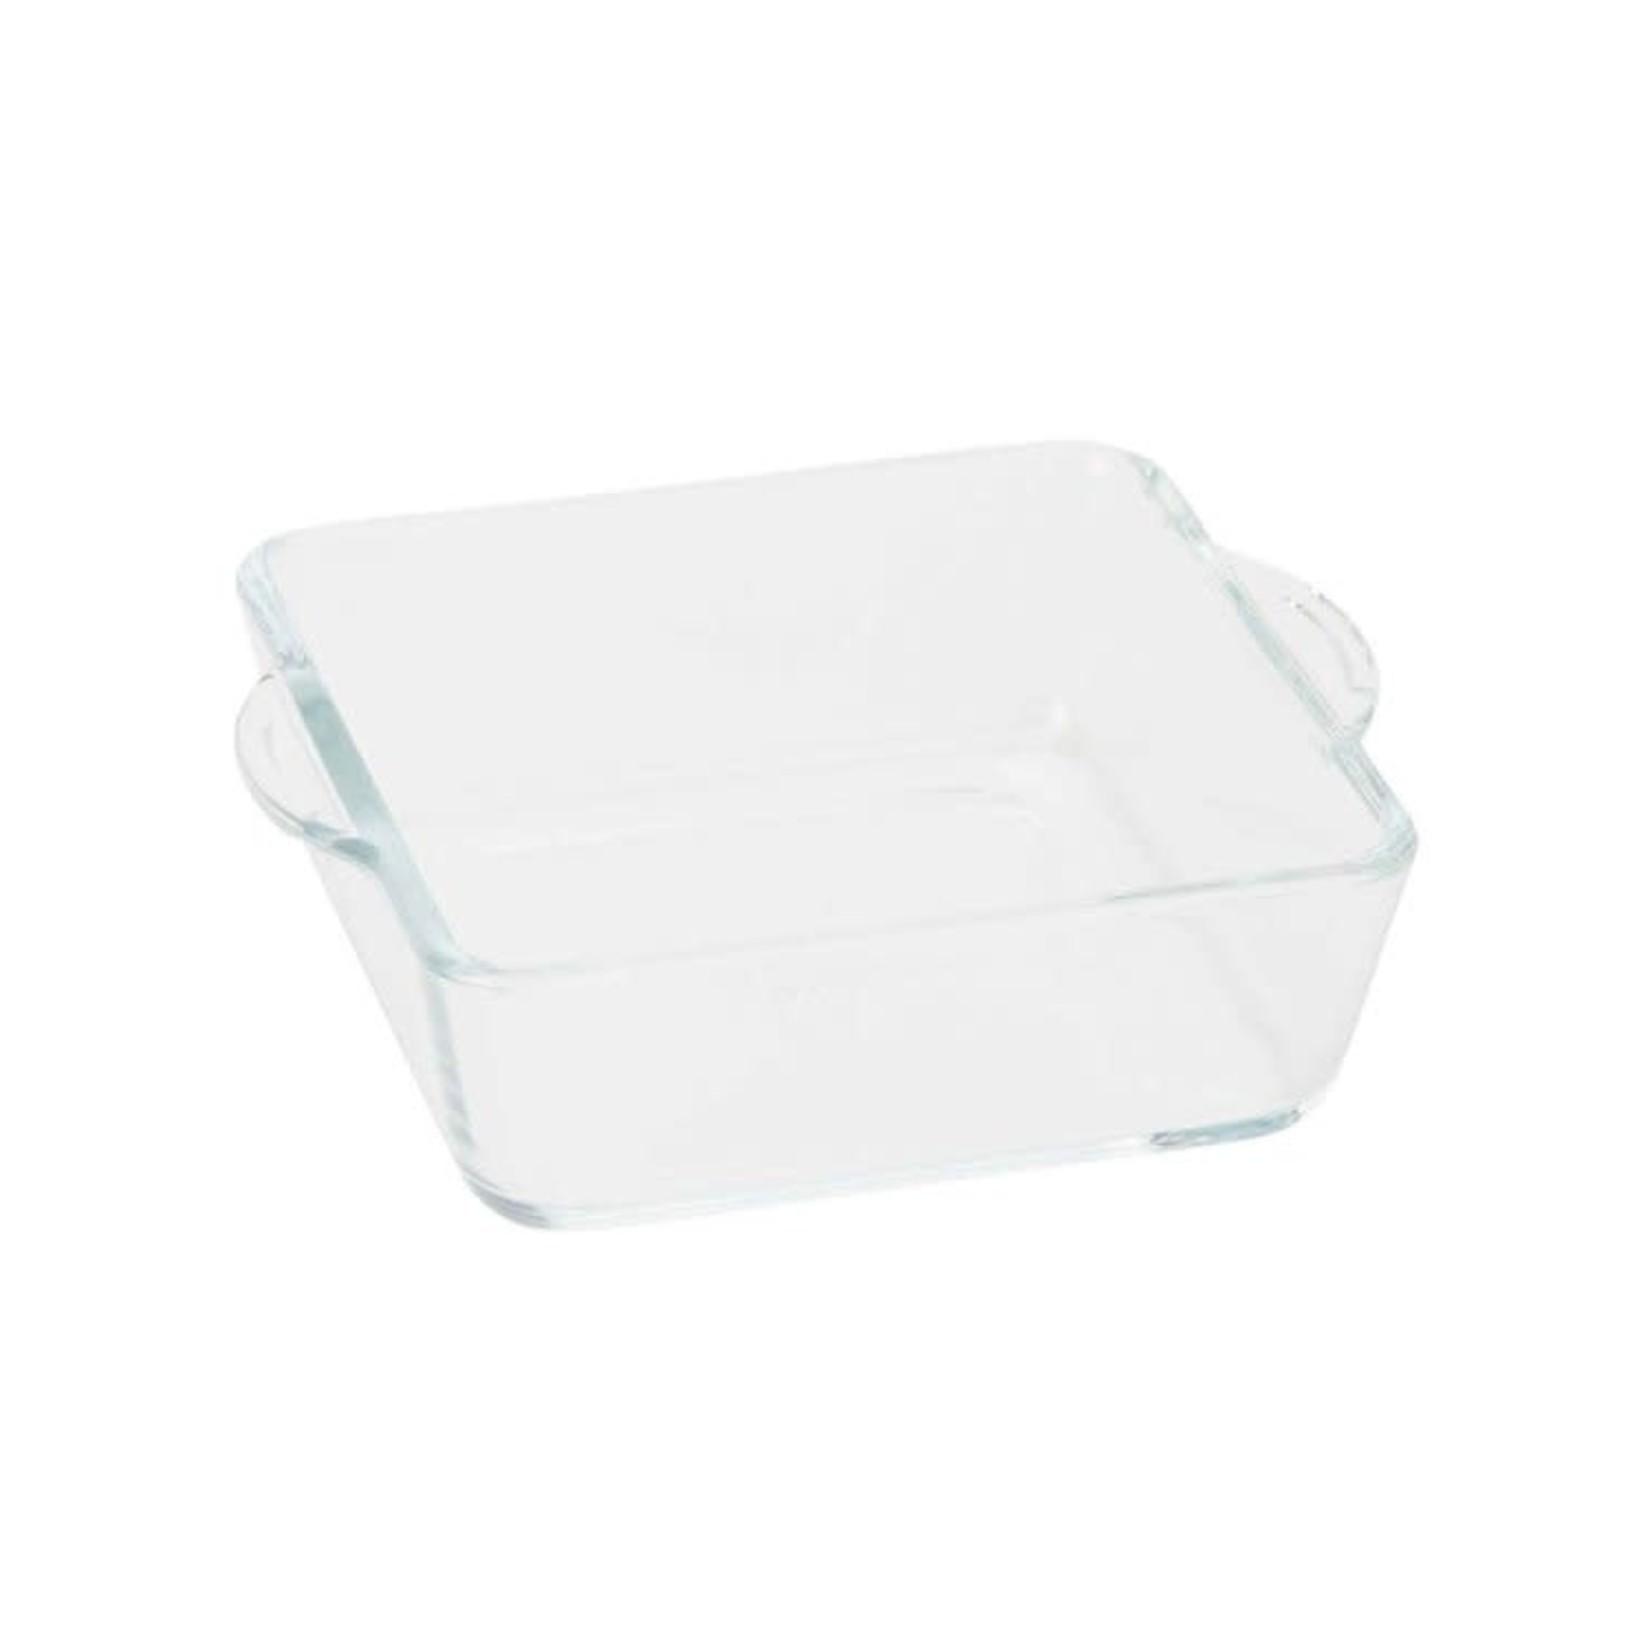 Ovenschotel mini glas vierkant 0,44L 15x13x4,5cm  /12